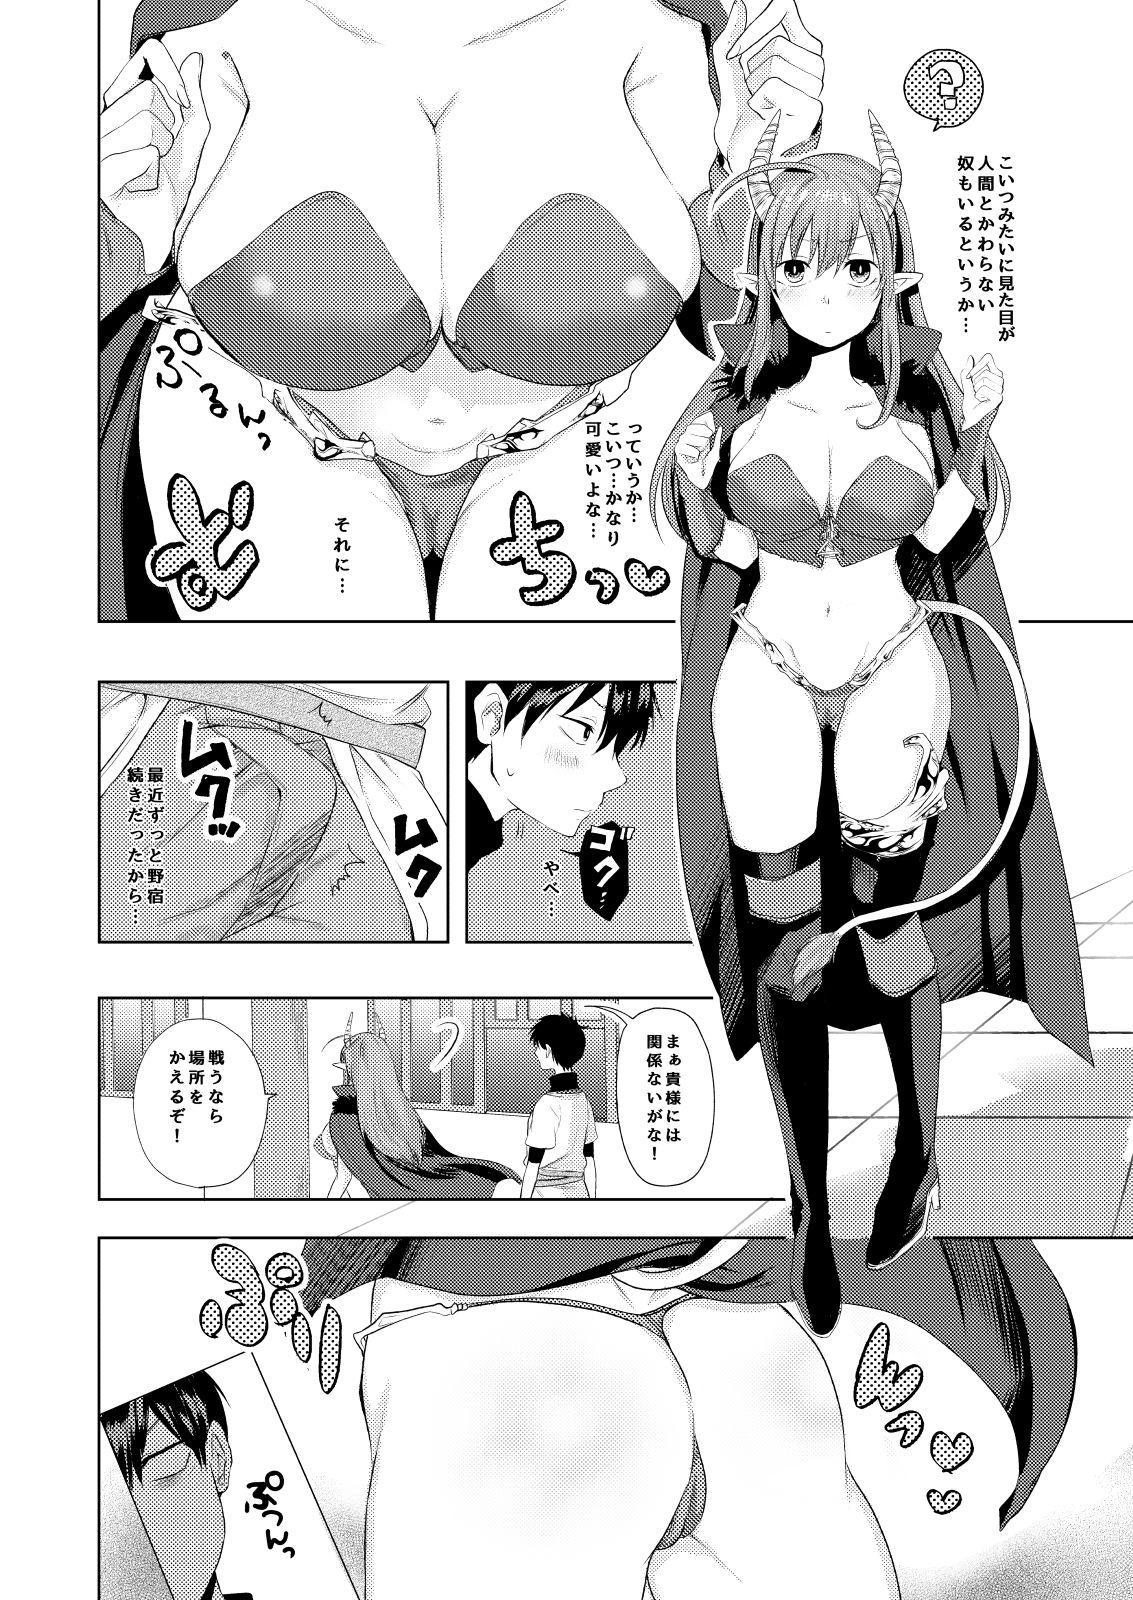 勇者のおしごと!~魔王ちゃん種付けレイプ編~2